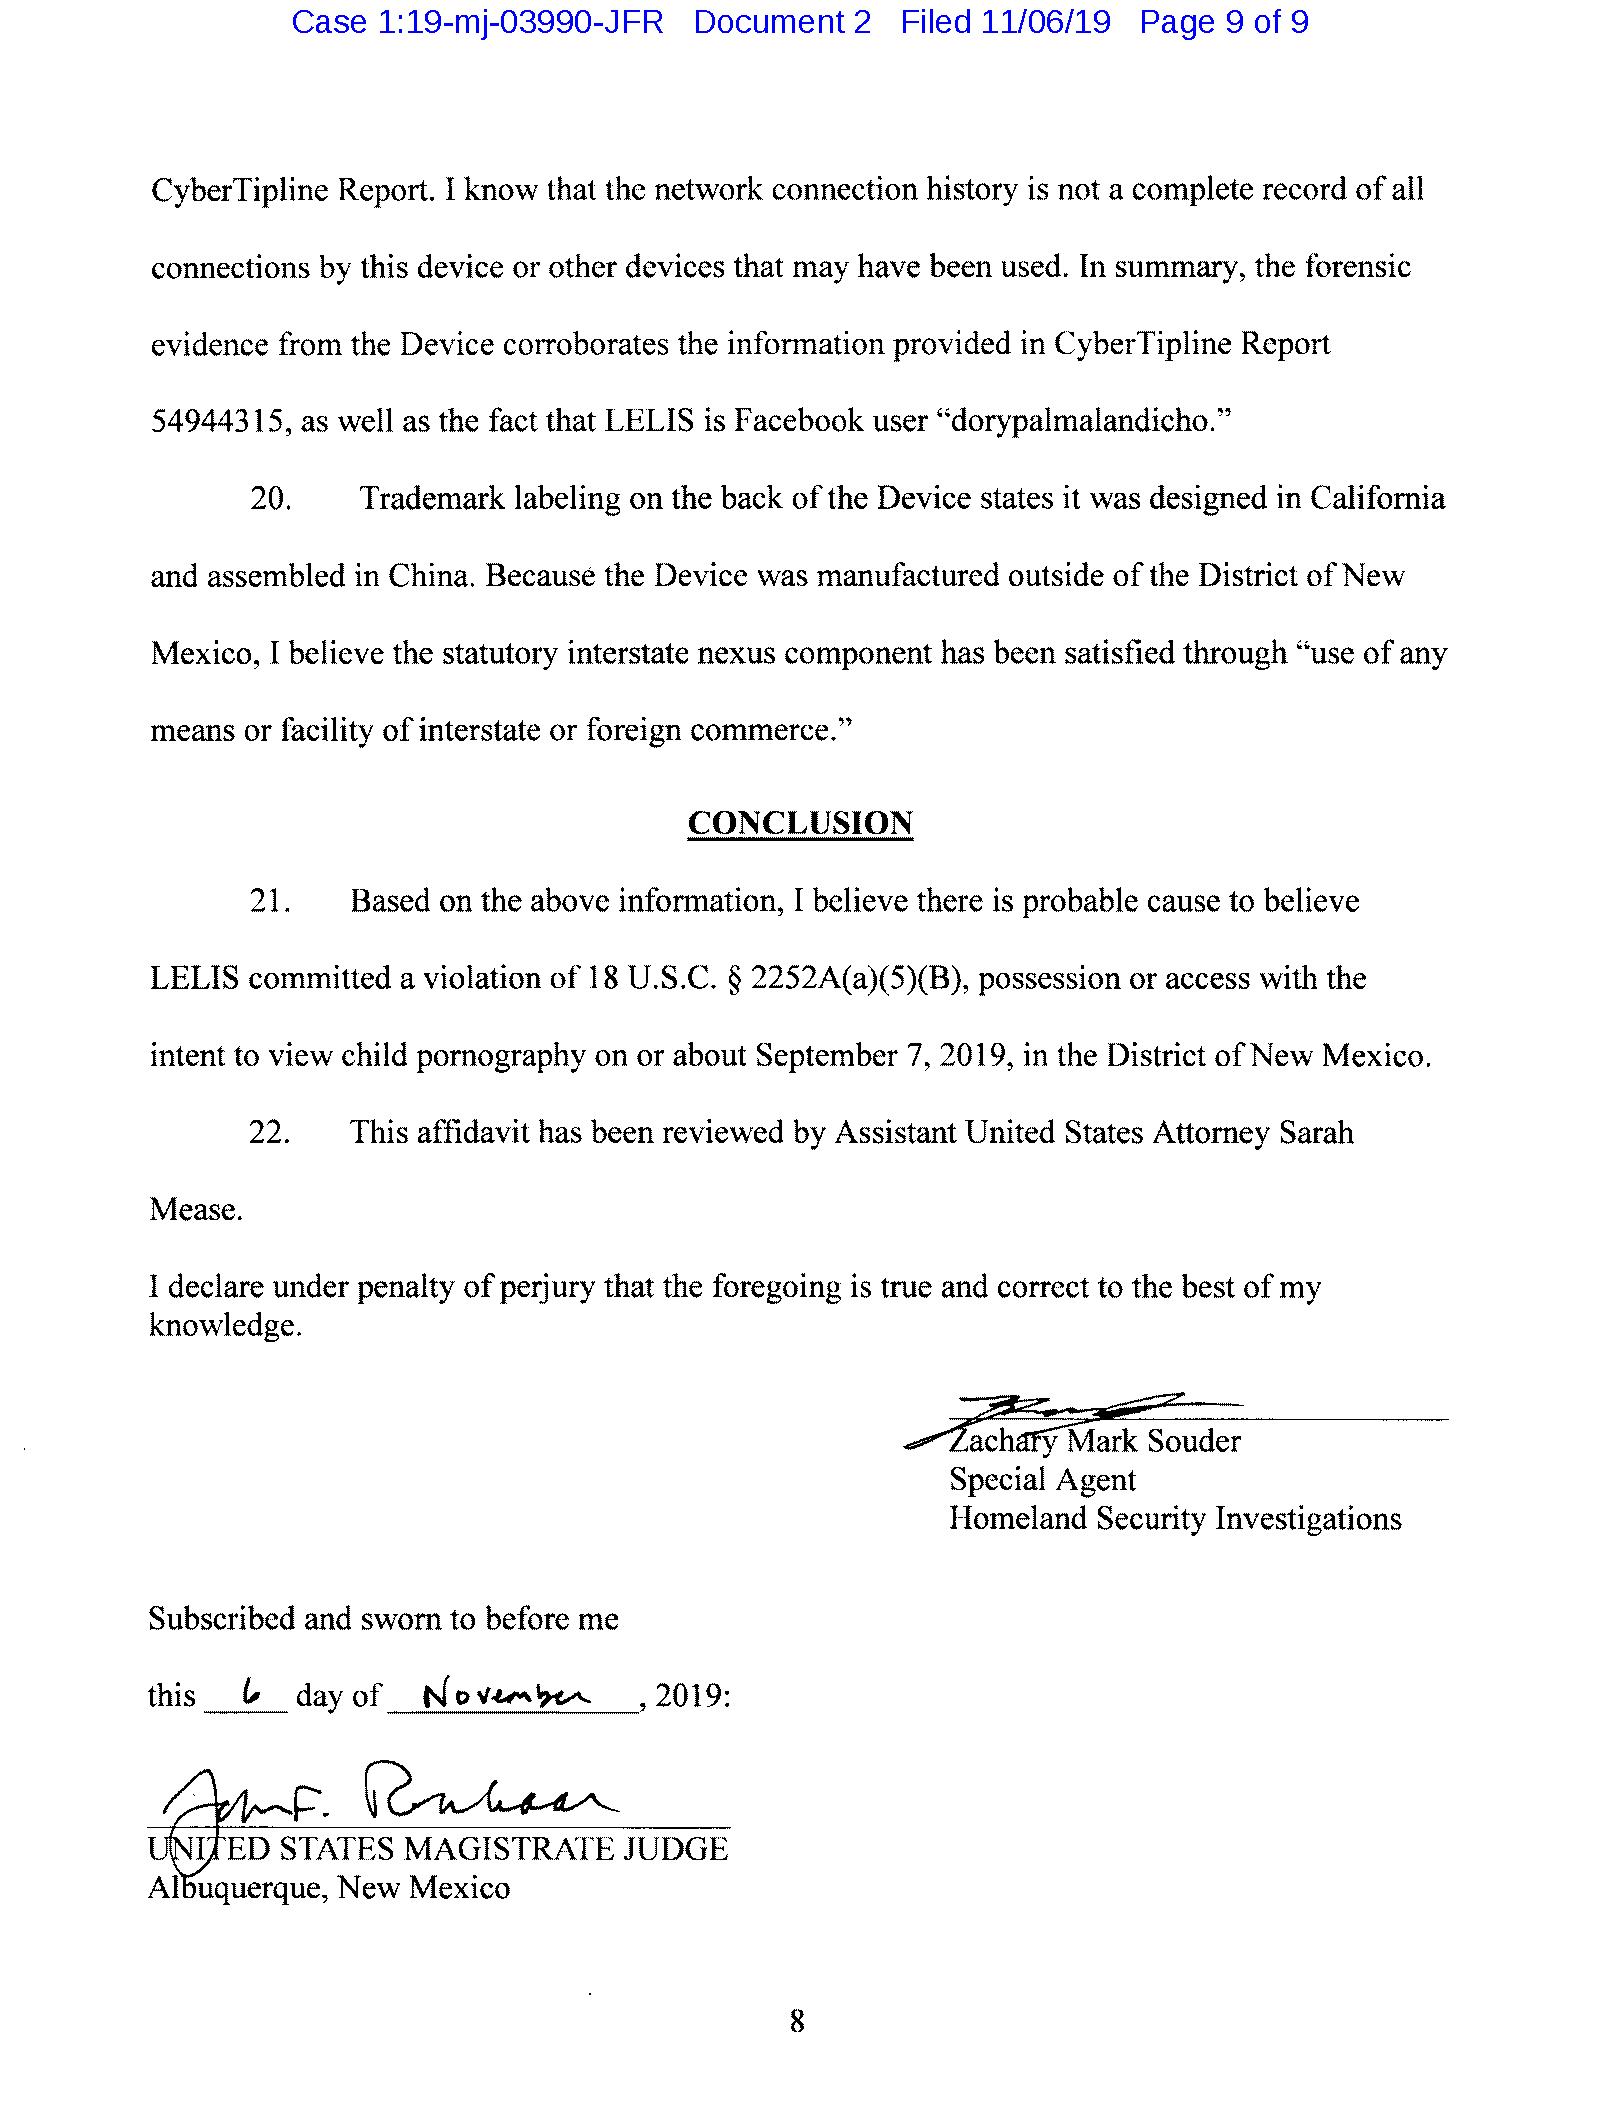 Copy of Complaint9.png